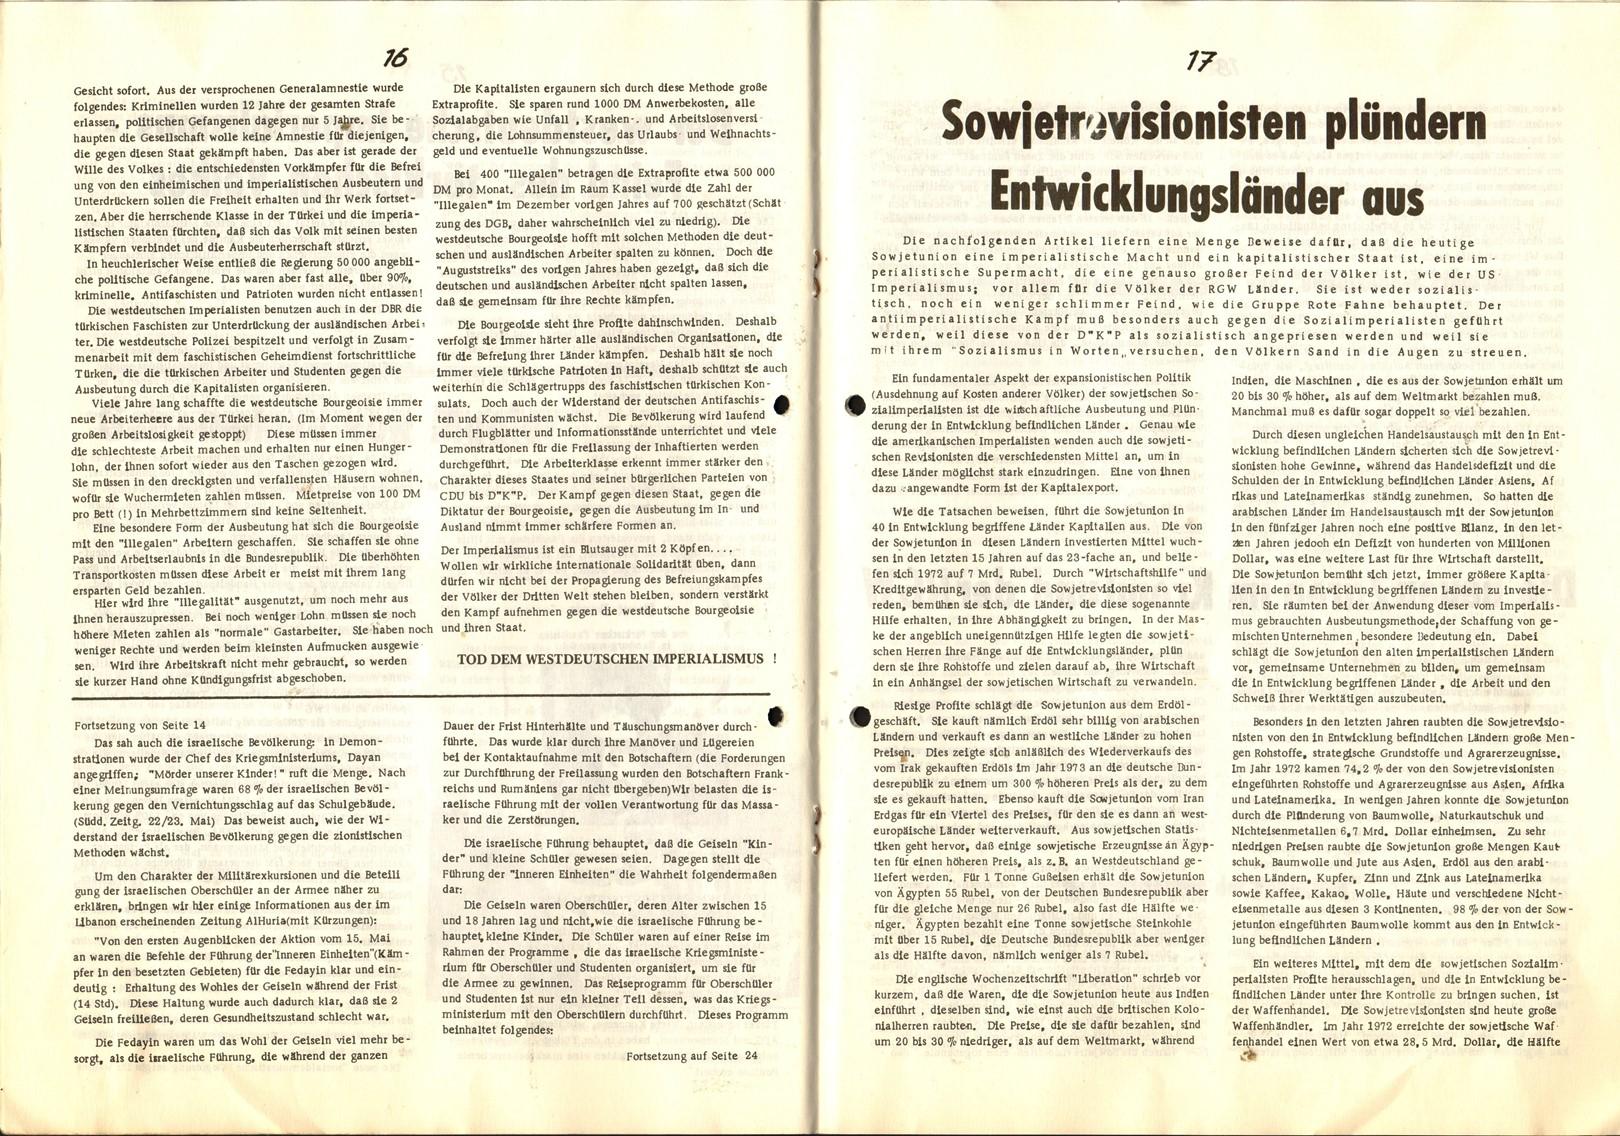 Aachen_Der_Funke_19740700_09